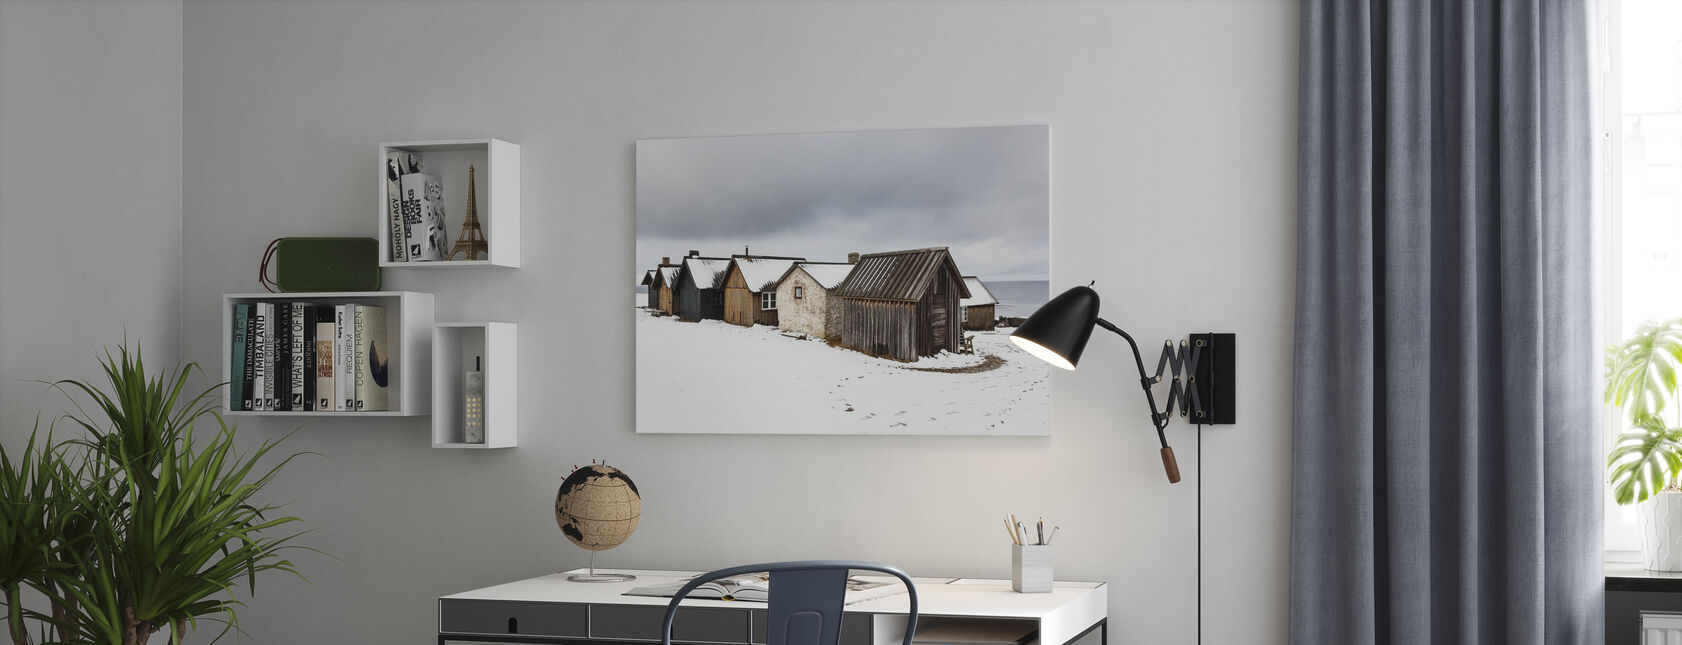 Helgumannens Fishing Village - Billede på lærred - Kontor